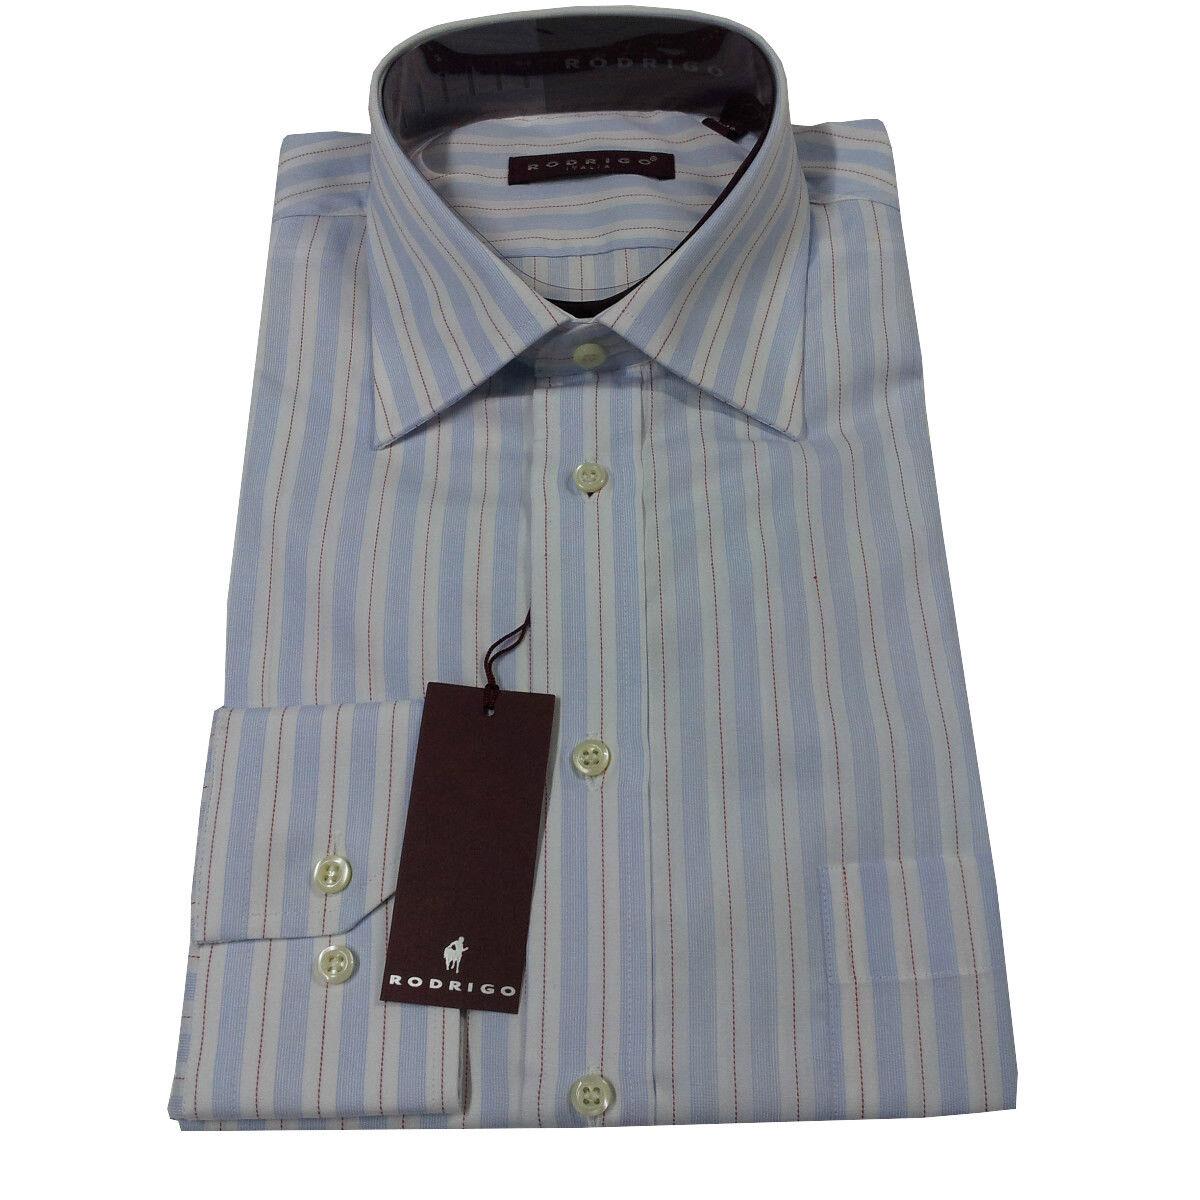 RODRIGO camisa de hombre celeste estriado con bolsillo 100 %  algodón  60% de descuento